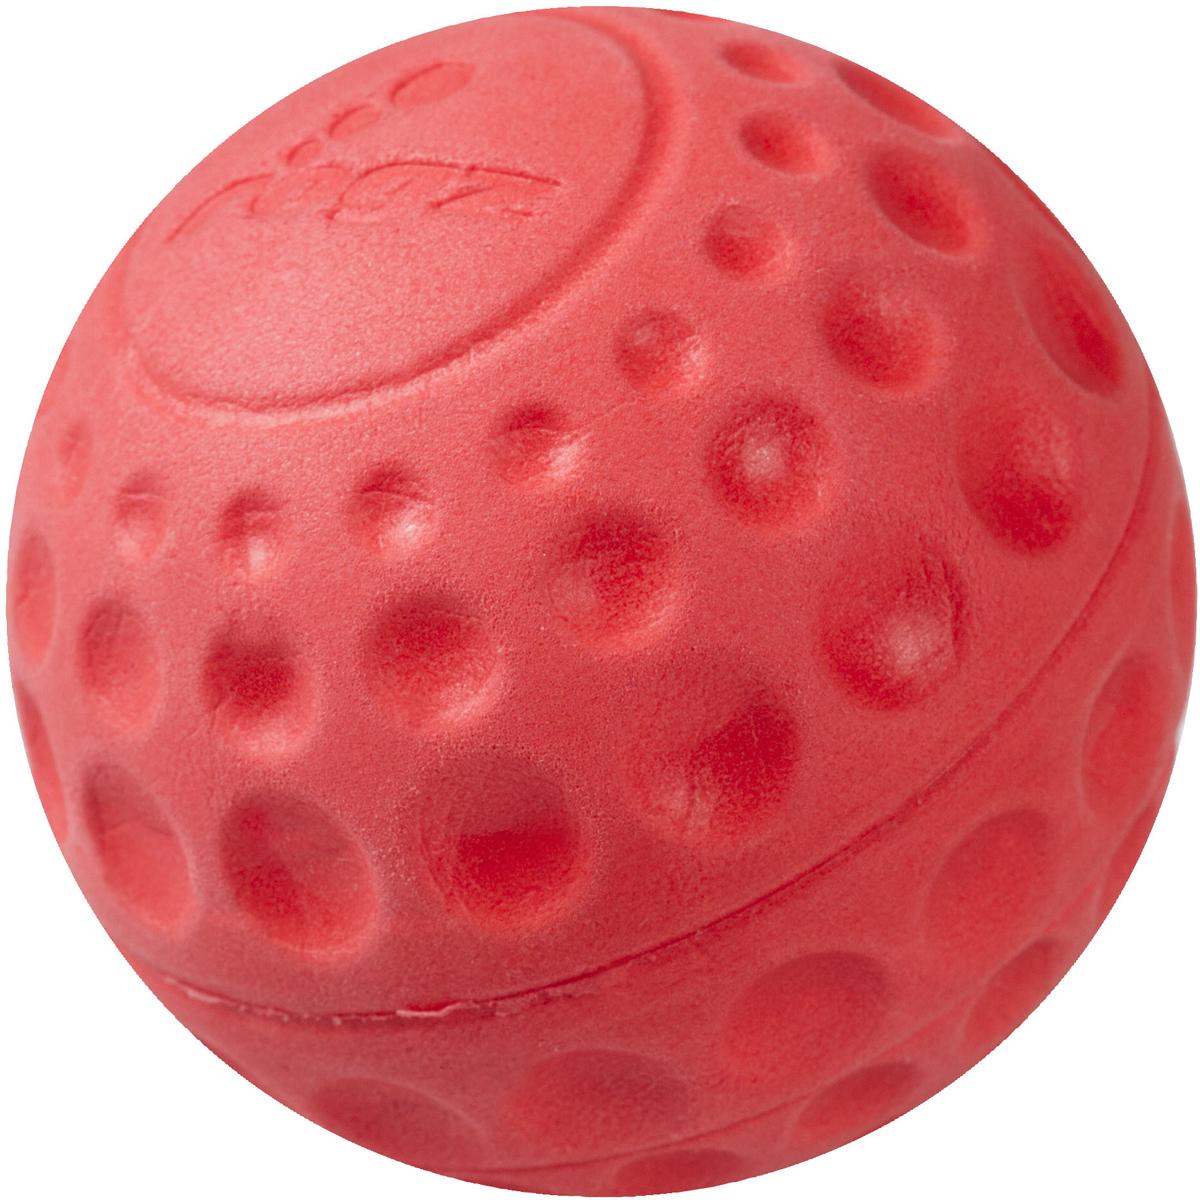 Игрушка для собак Rogz Asteroidz, цвет: красный, диаметр 4,9 смAS01CМяч для собак Rogz Asteroidz предназначен для игры с хозяином Принеси.Мяч имеет небольшой вес, не травмирует десны, не повреждает зубы, удобно носить в пасти.Отличная упругость для подпрыгивания.Изготовлено из особого термоэластопласта Sebs, обеспечивающего великолепную плавучесть в воде, поэтому игрушка отлично подходит для игры в водоеме. Материал изделия: EVA (этиленвинилацетат) - легкий мелкопористый материал, похожий на застывшую пену.Не токсичен.